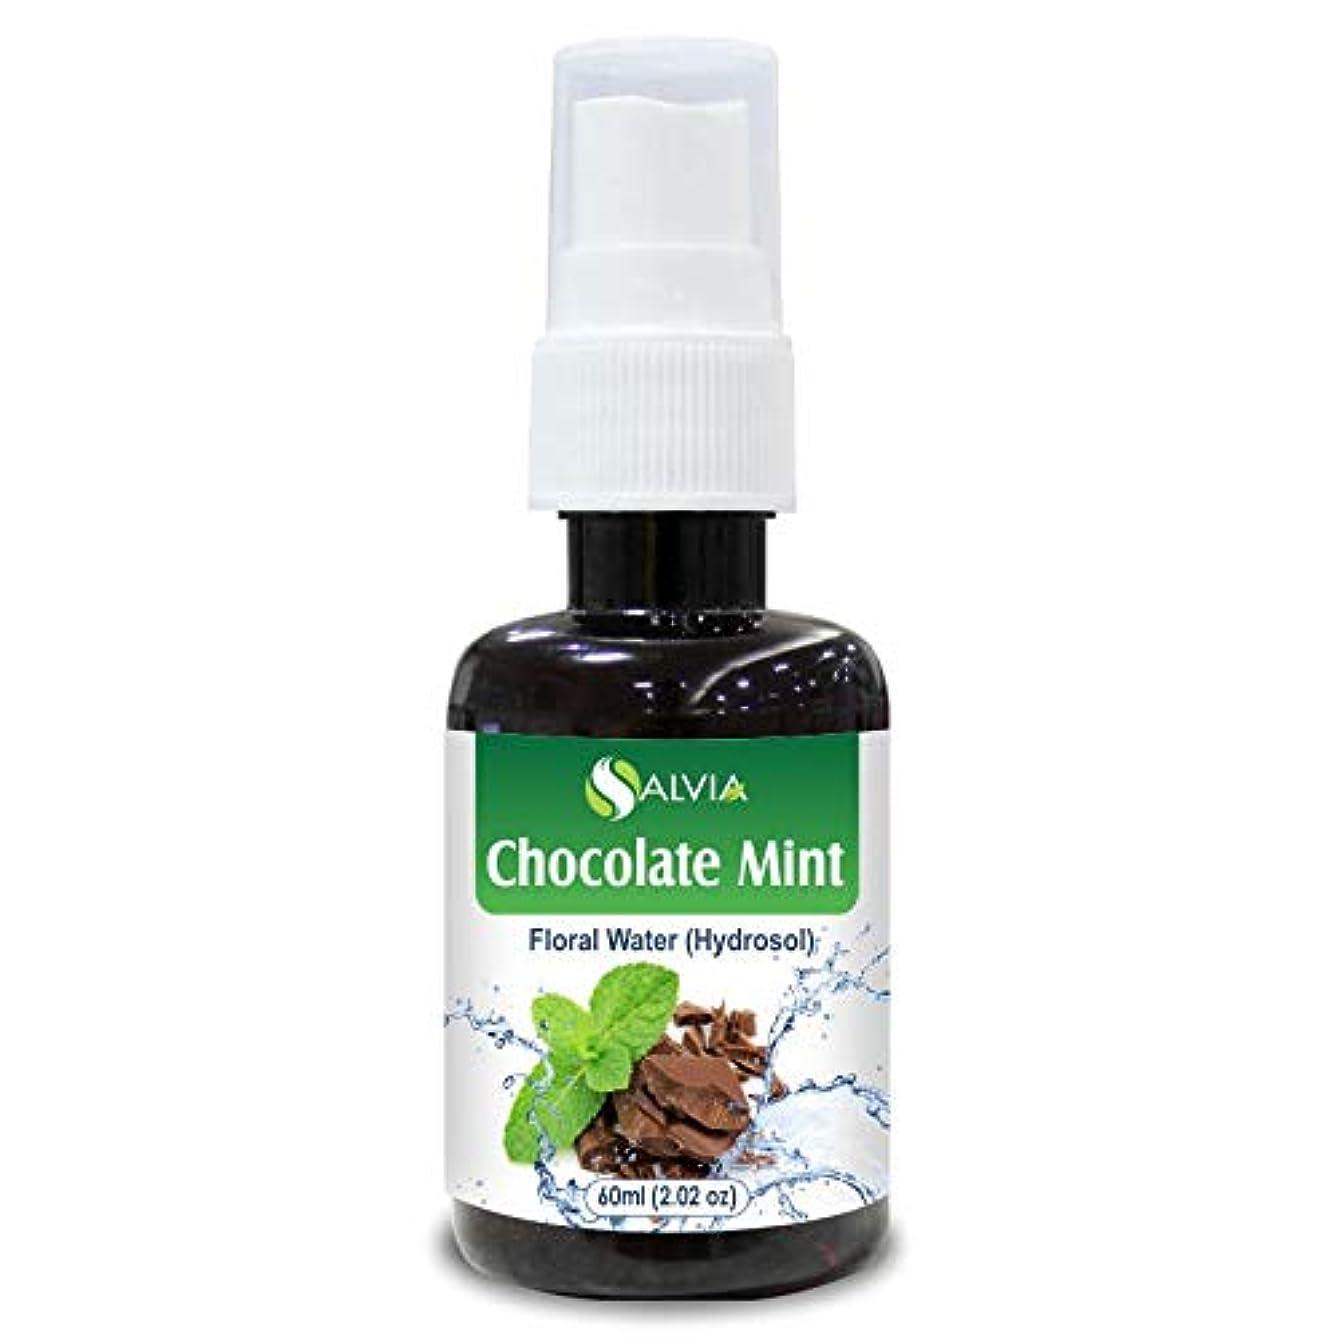 日焼けオーナーシマウマChocolate Mint Floral Water 60ml (Hydrosol) 100% Pure And Natural